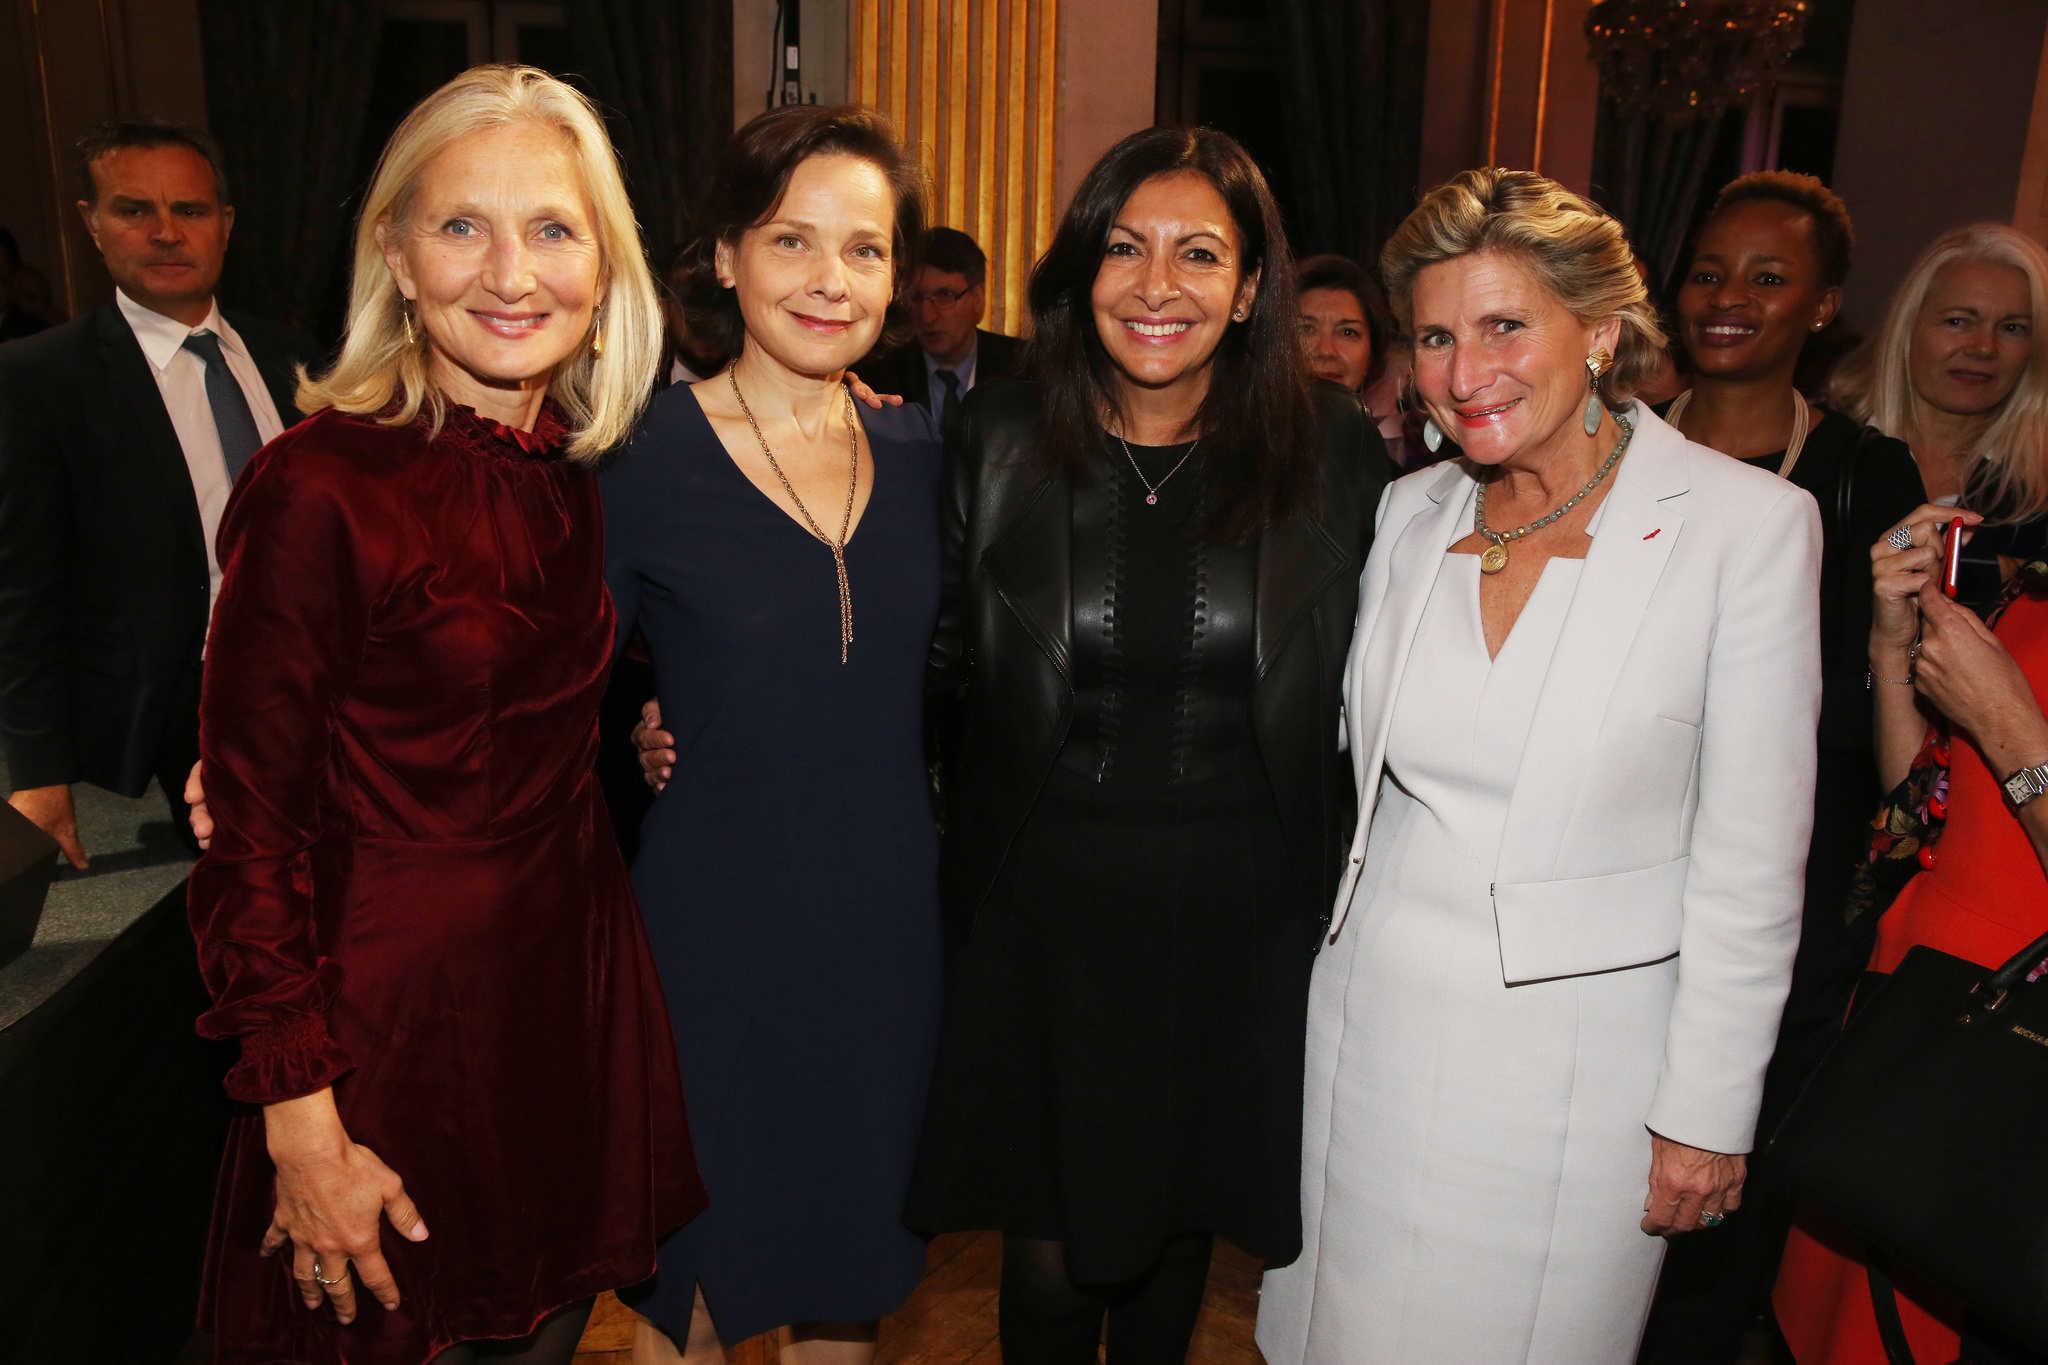 Clara Gaymard, Anne-Gabrielle Heilbronner, Anne Hidalgo, Chiara Corazza